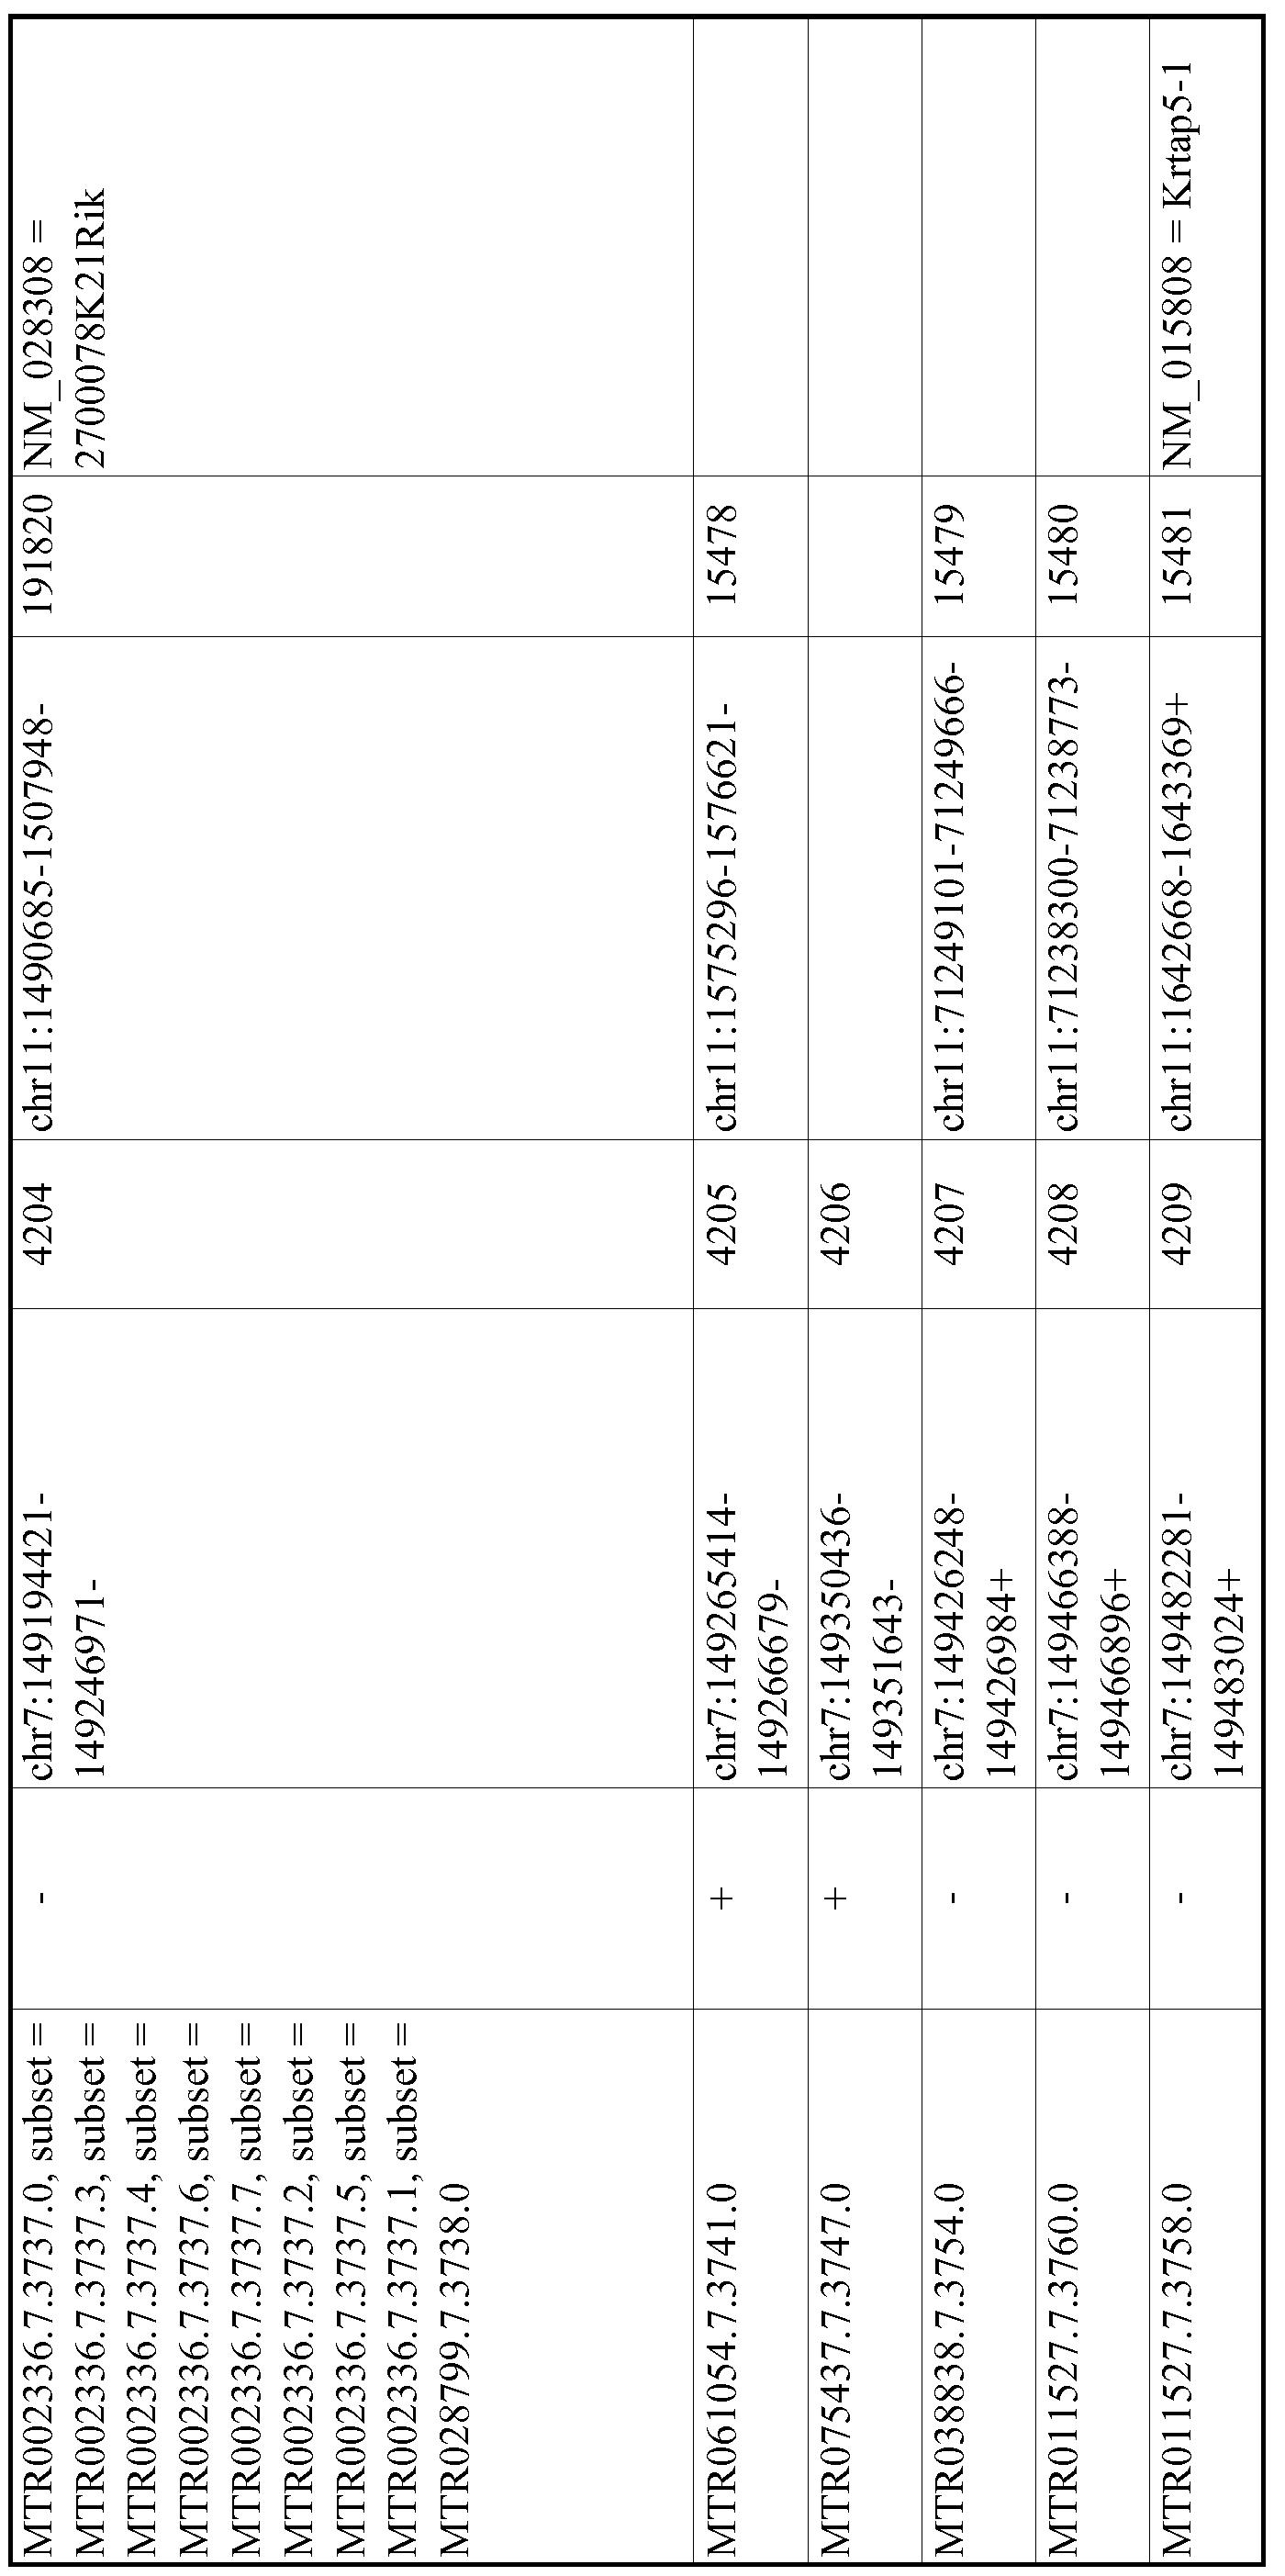 Figure imgf000797_0001